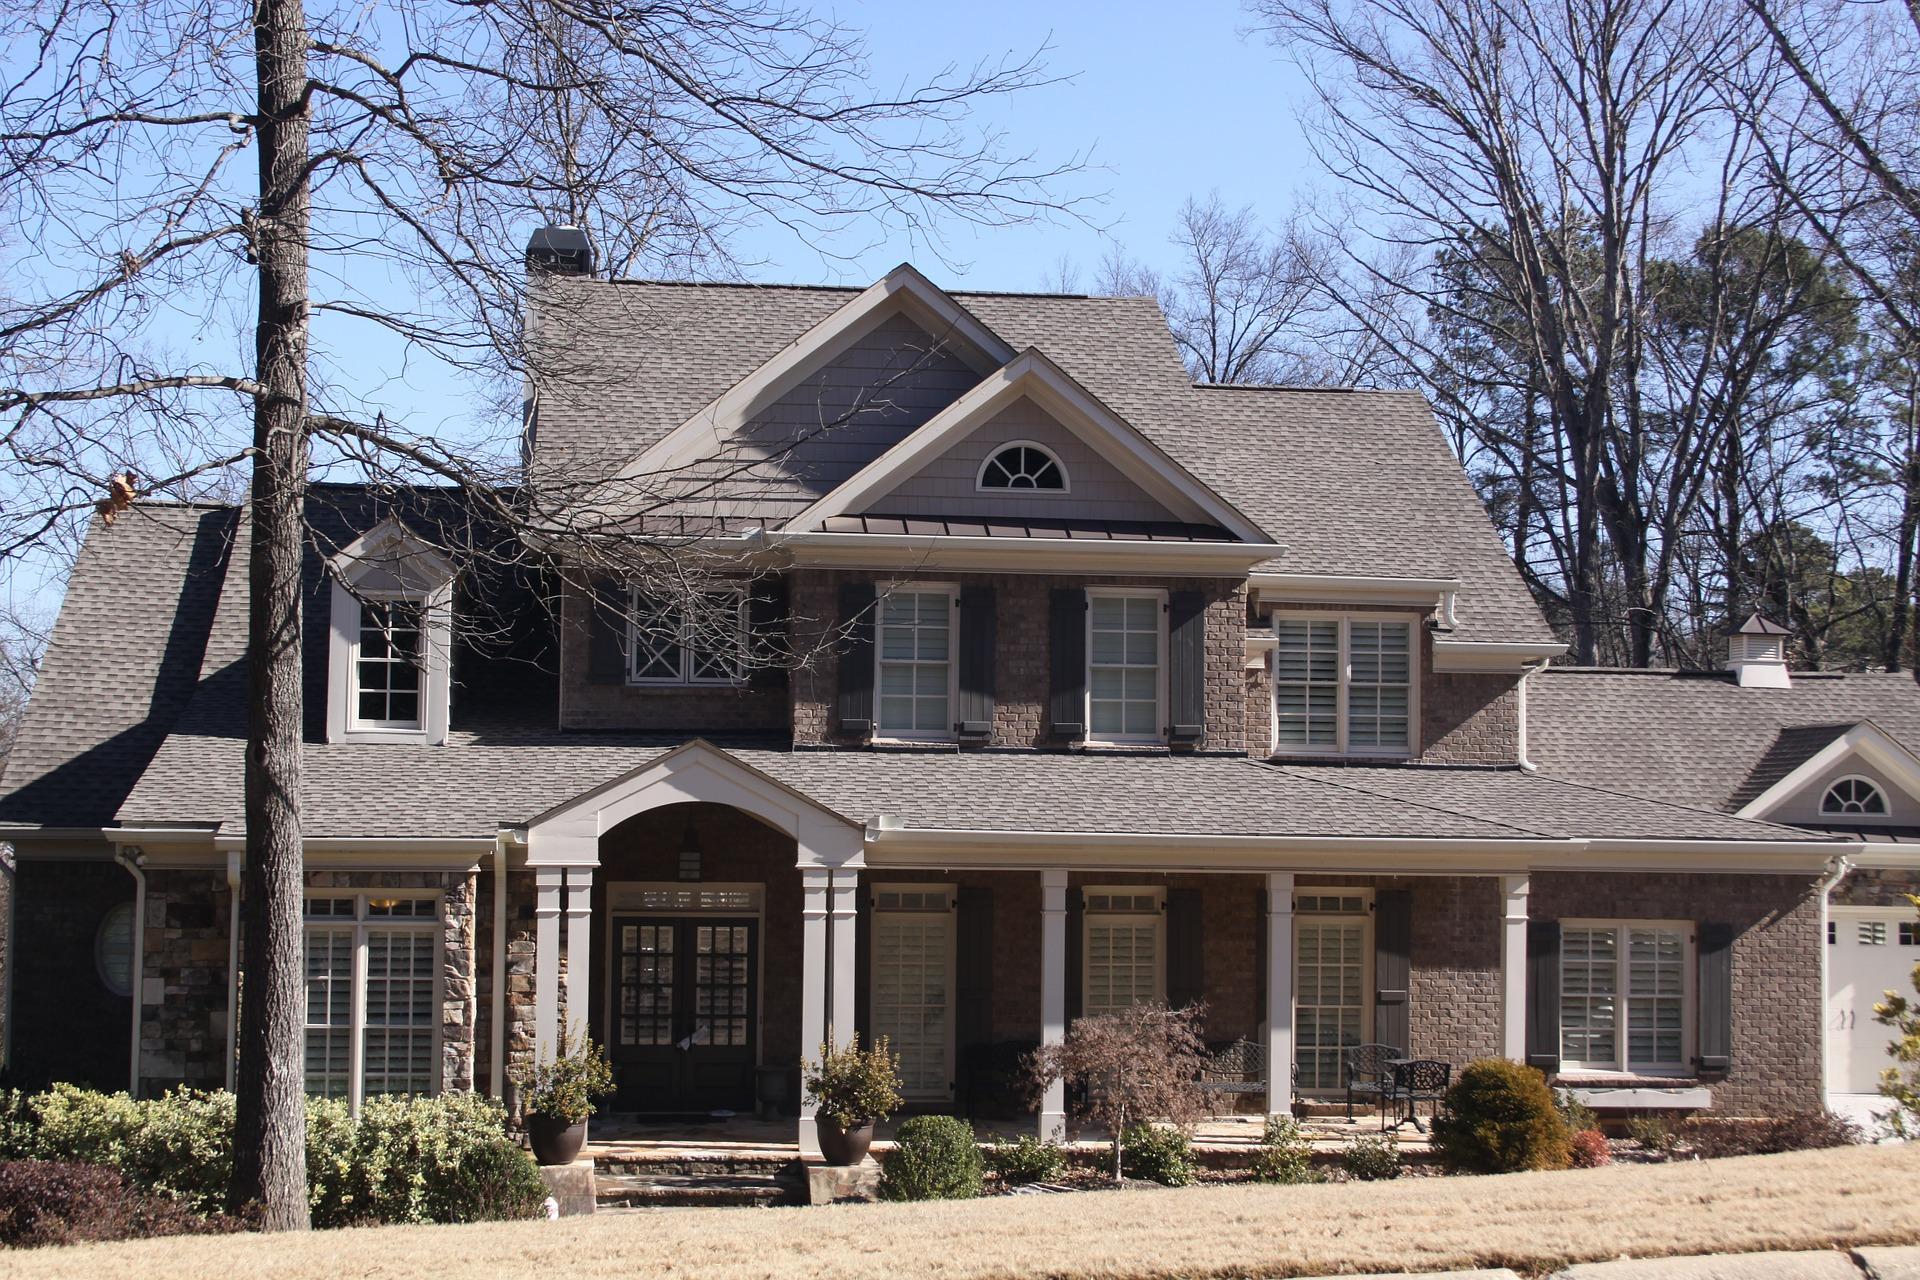 affittare la propria casa